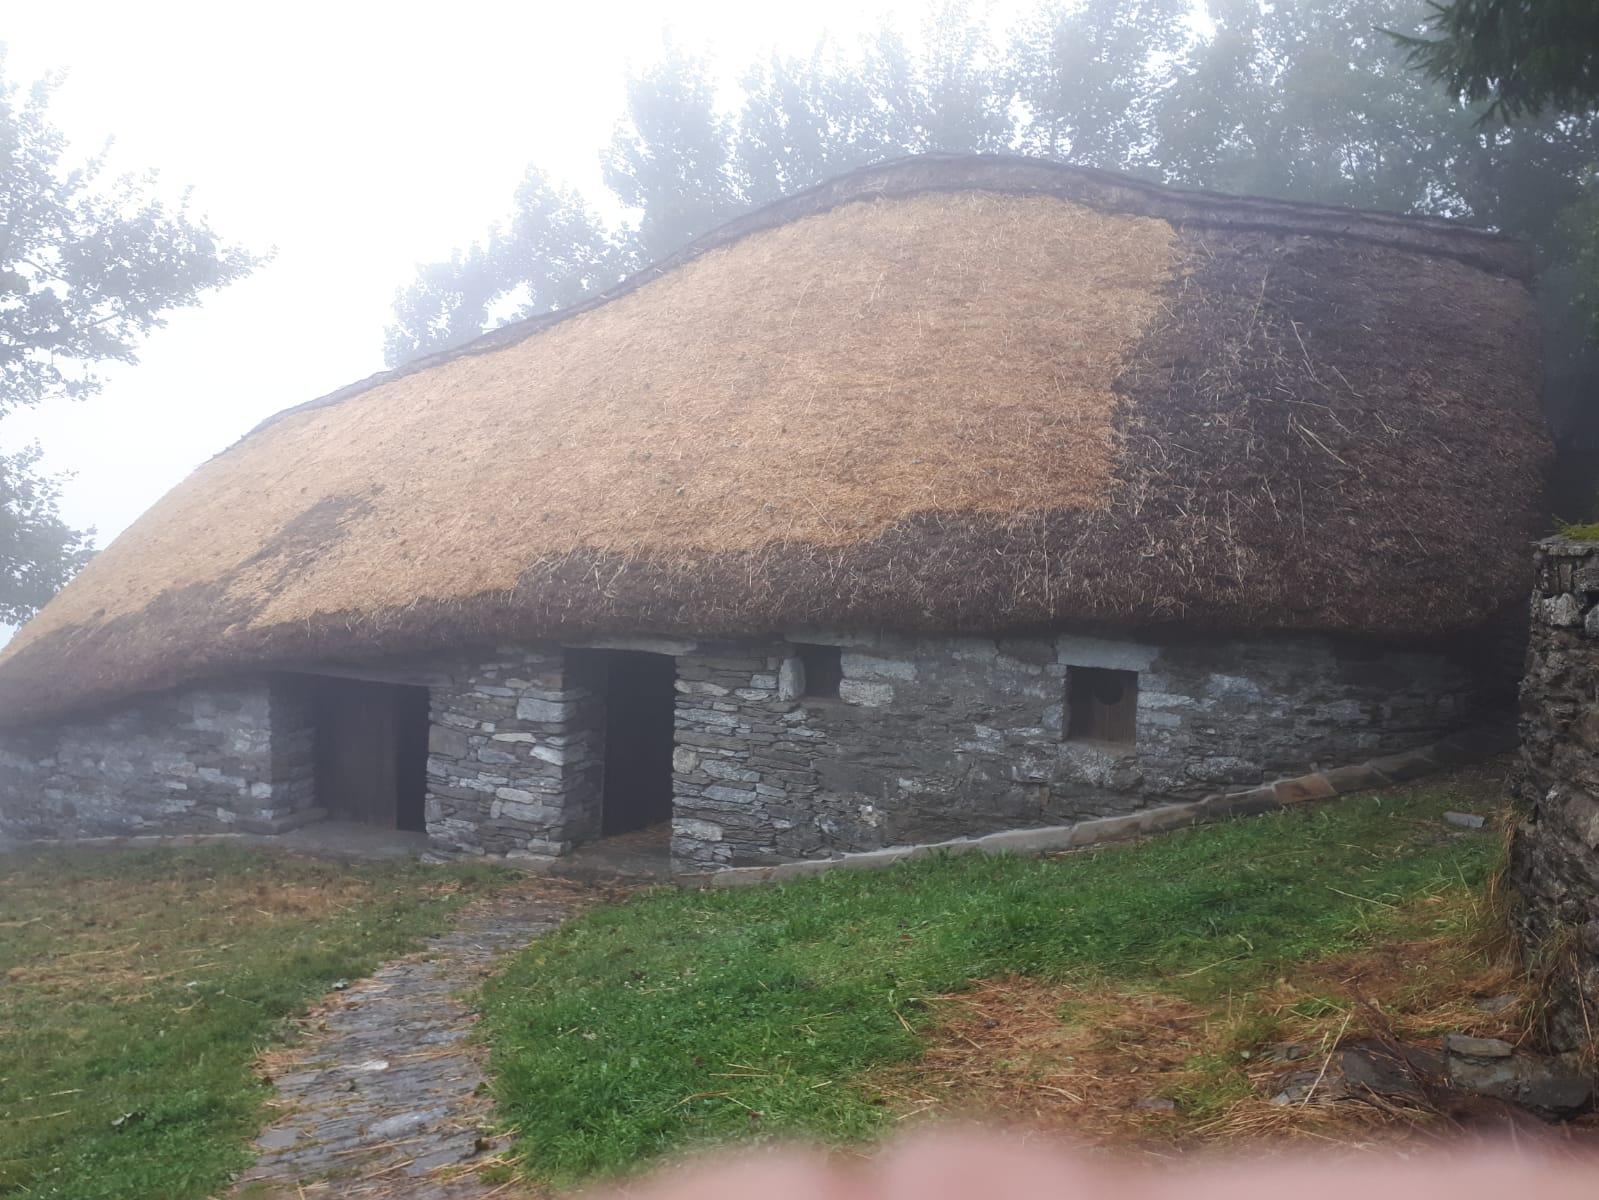 Palloza de Quico con el techo reparado